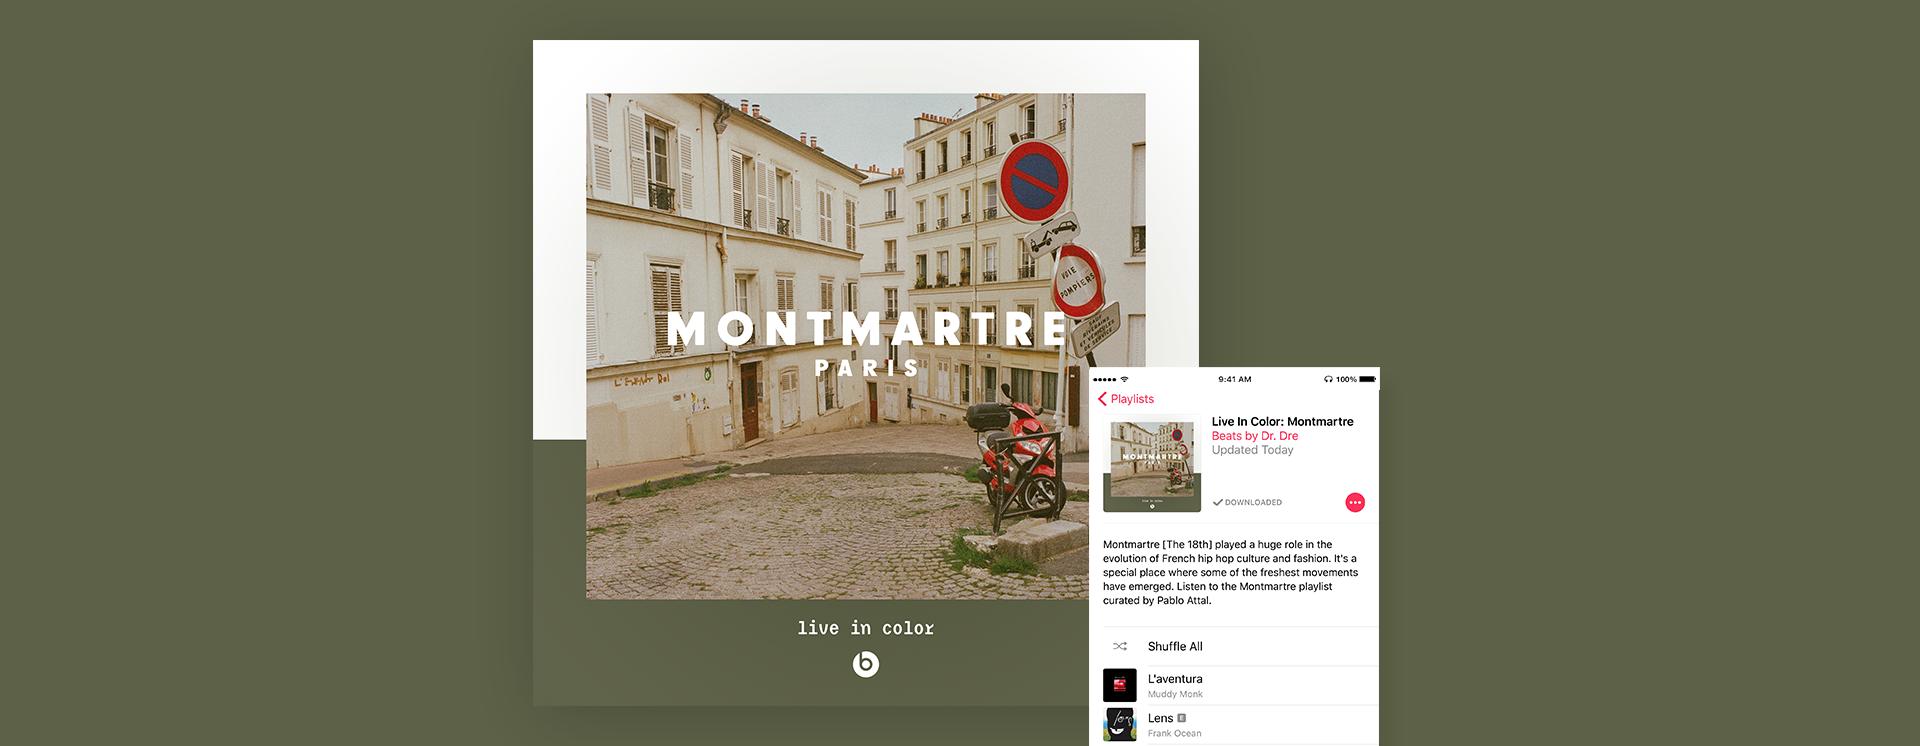 Playlist_Montmartre.png